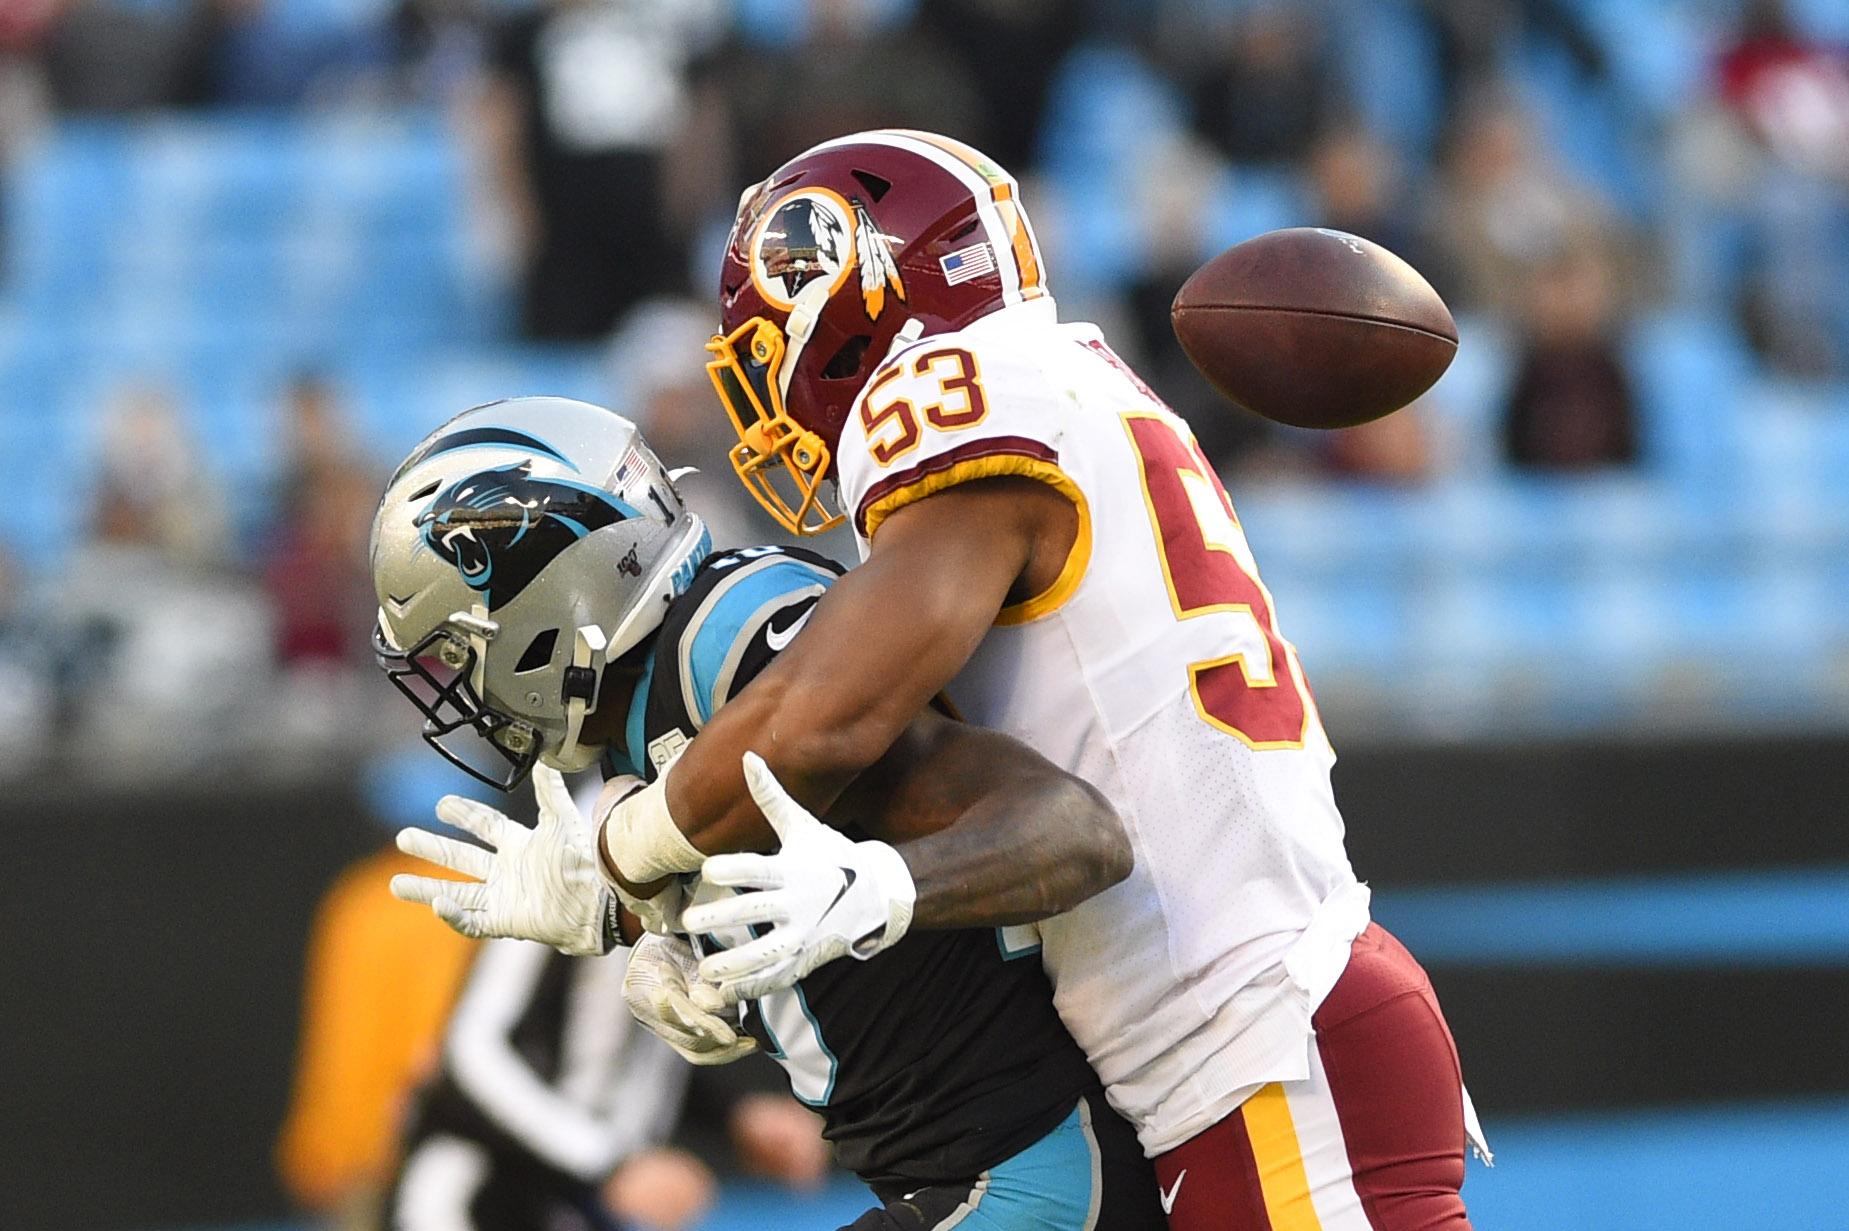 NFL: Washington Redskins at Carolina Panthers